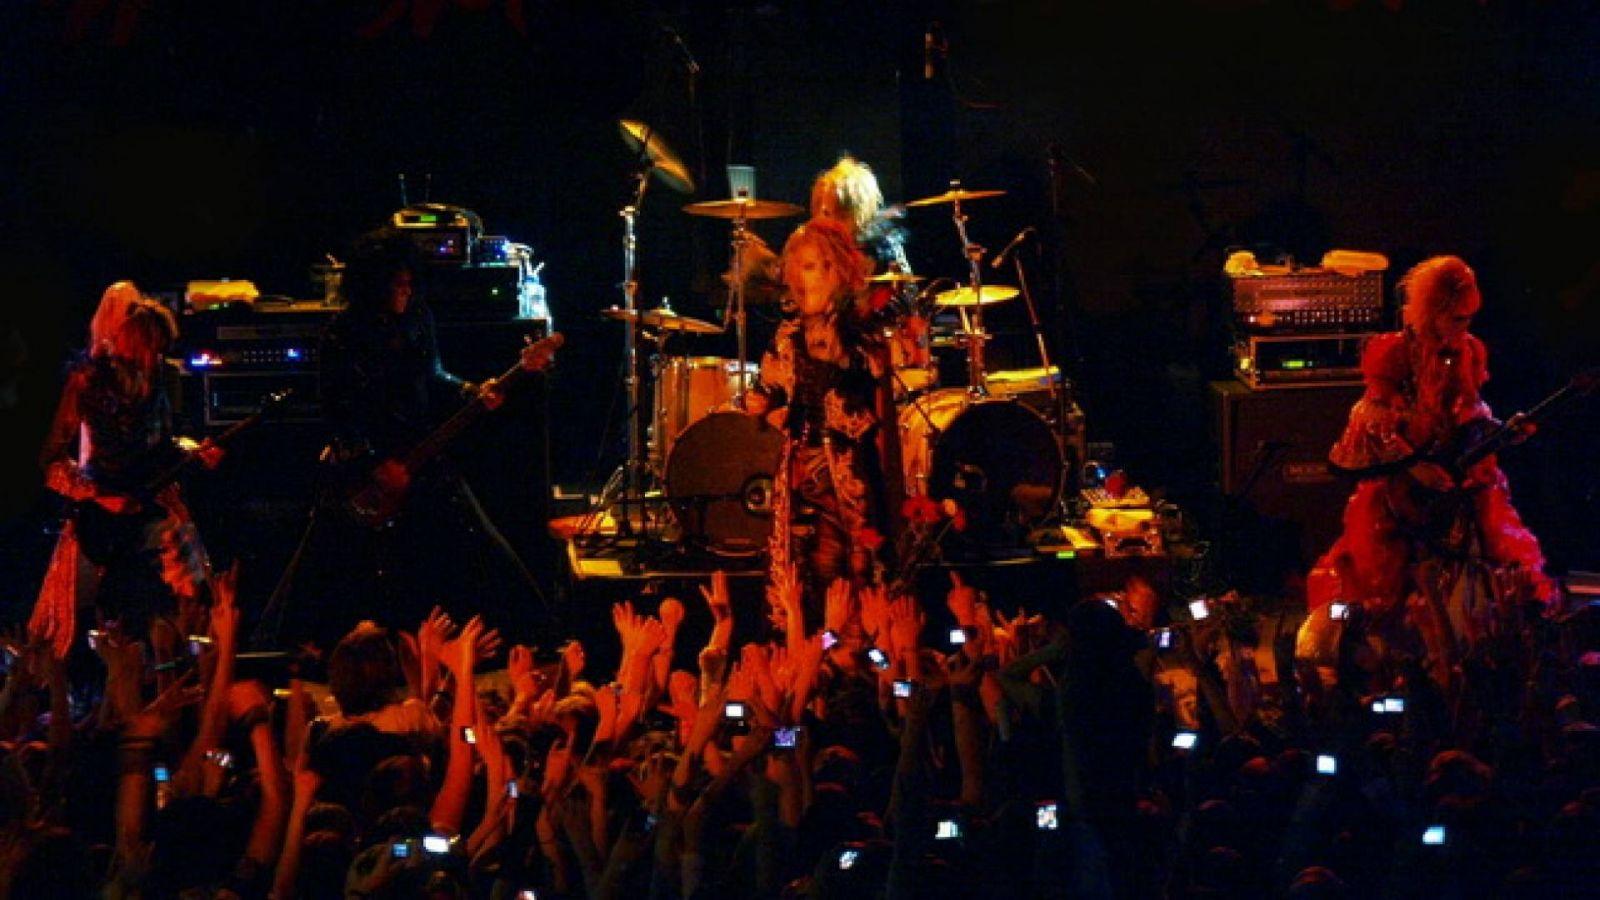 Концерт Versailles в московском клубе Точка © JaME - Nuriko